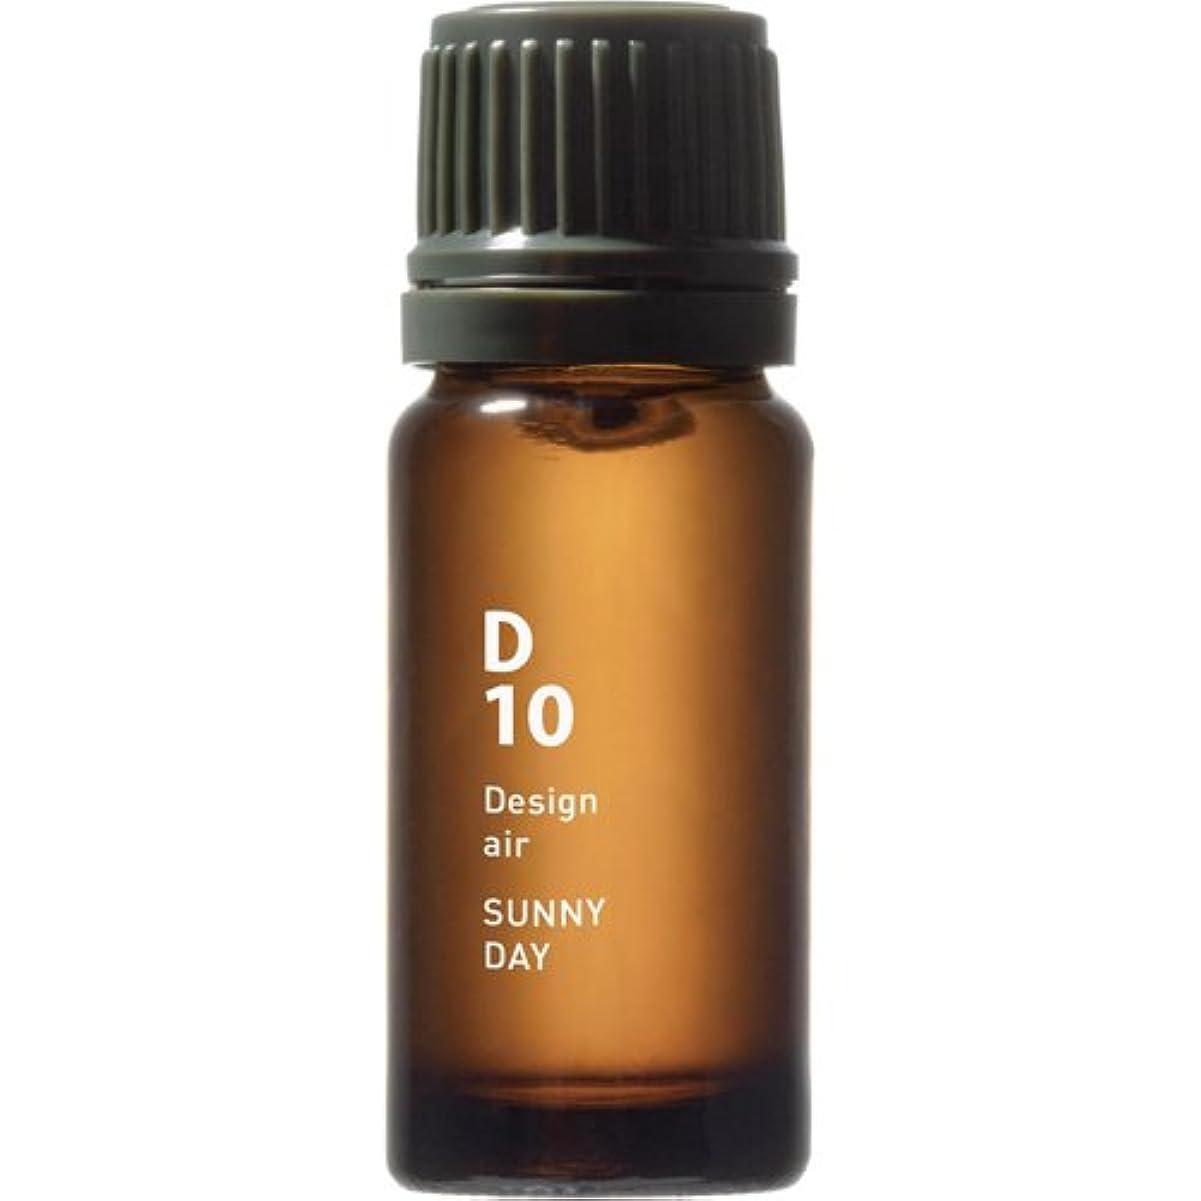 豊かにする変わる擬人D10 SUNNY DAY Design air 10ml